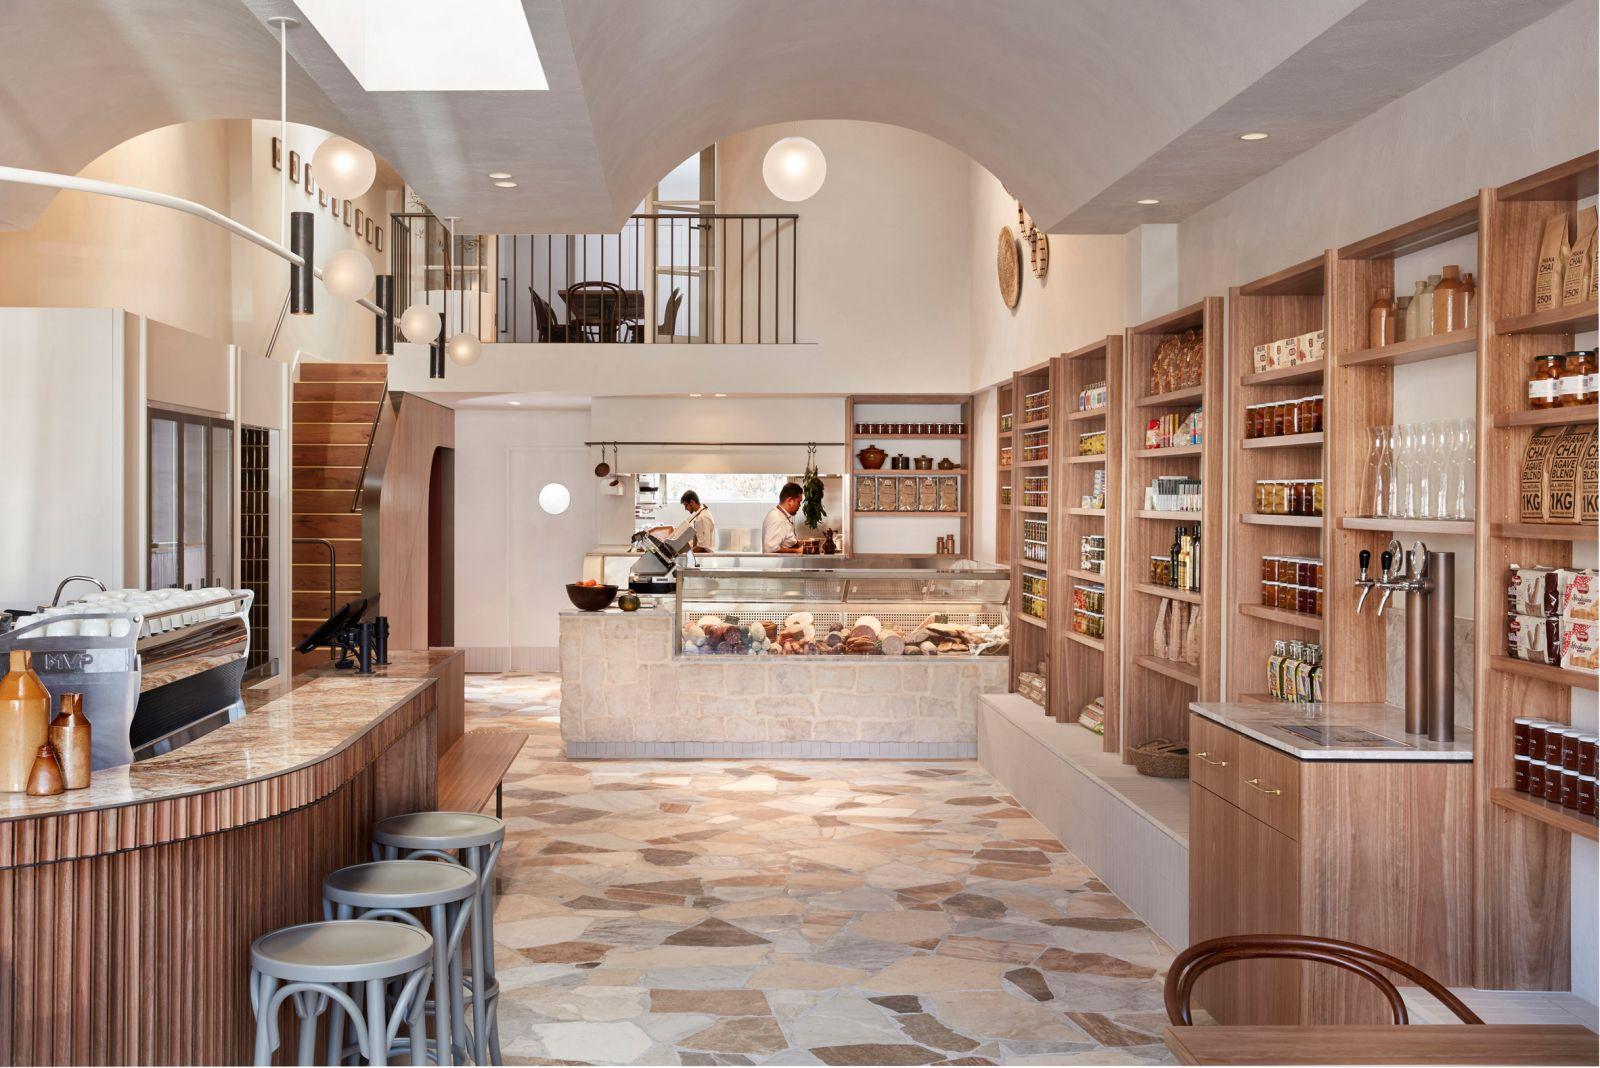 Không gian nội thất quán cafe cực đẹp theo phong cách ý